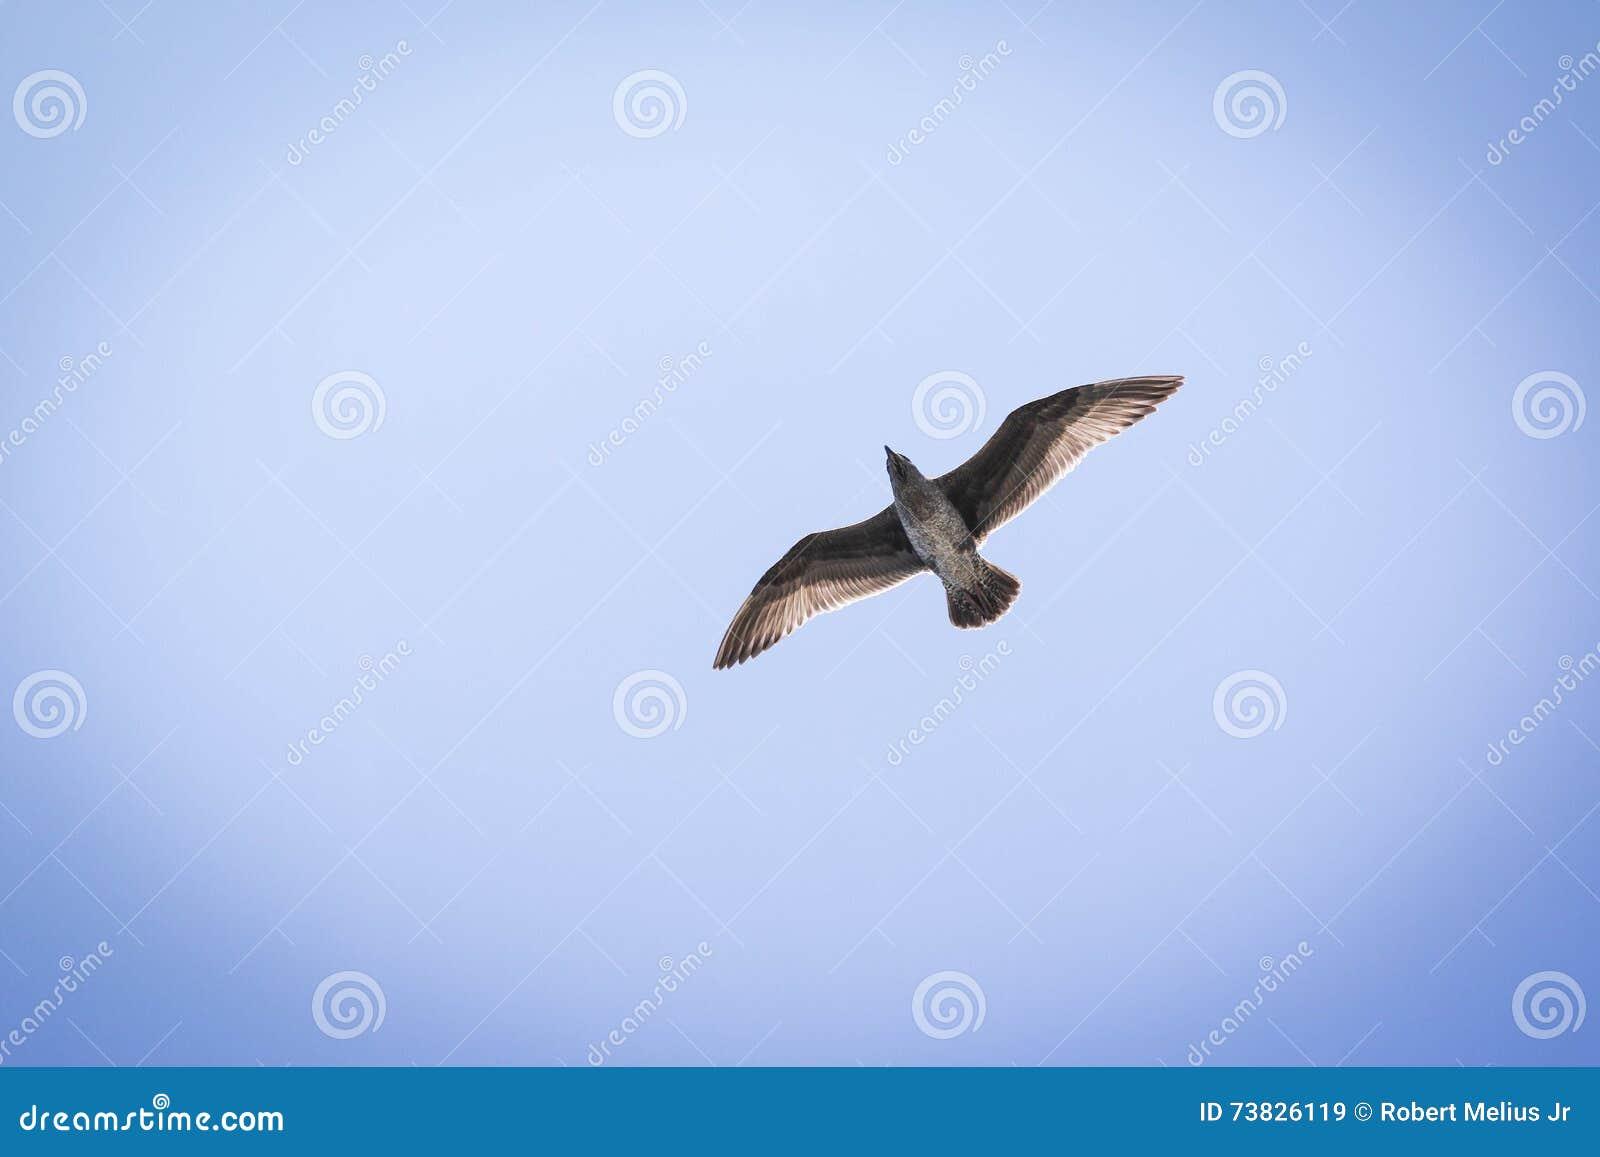 Gaivota em voo contra um céu azul com luz solar através das penas